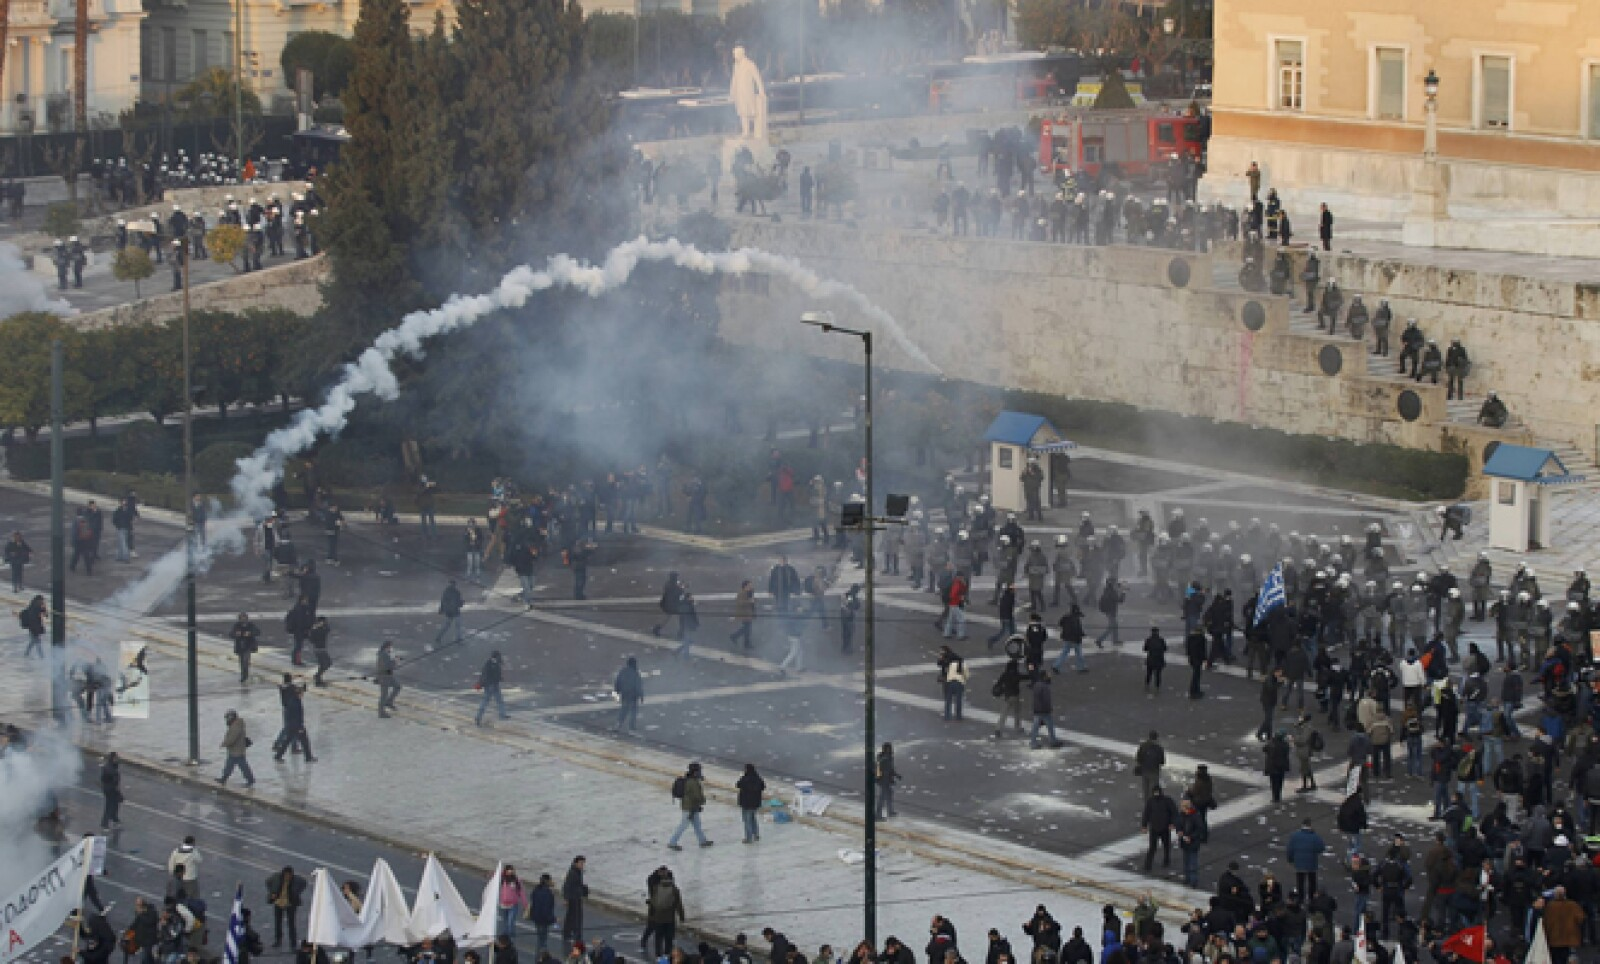 La Policía repelió con gases lacrimógenos a manifestantes que lanzaban piedras y bombas molotov en la Plaza Sintagma, situada frente a la sede del Legislativo.